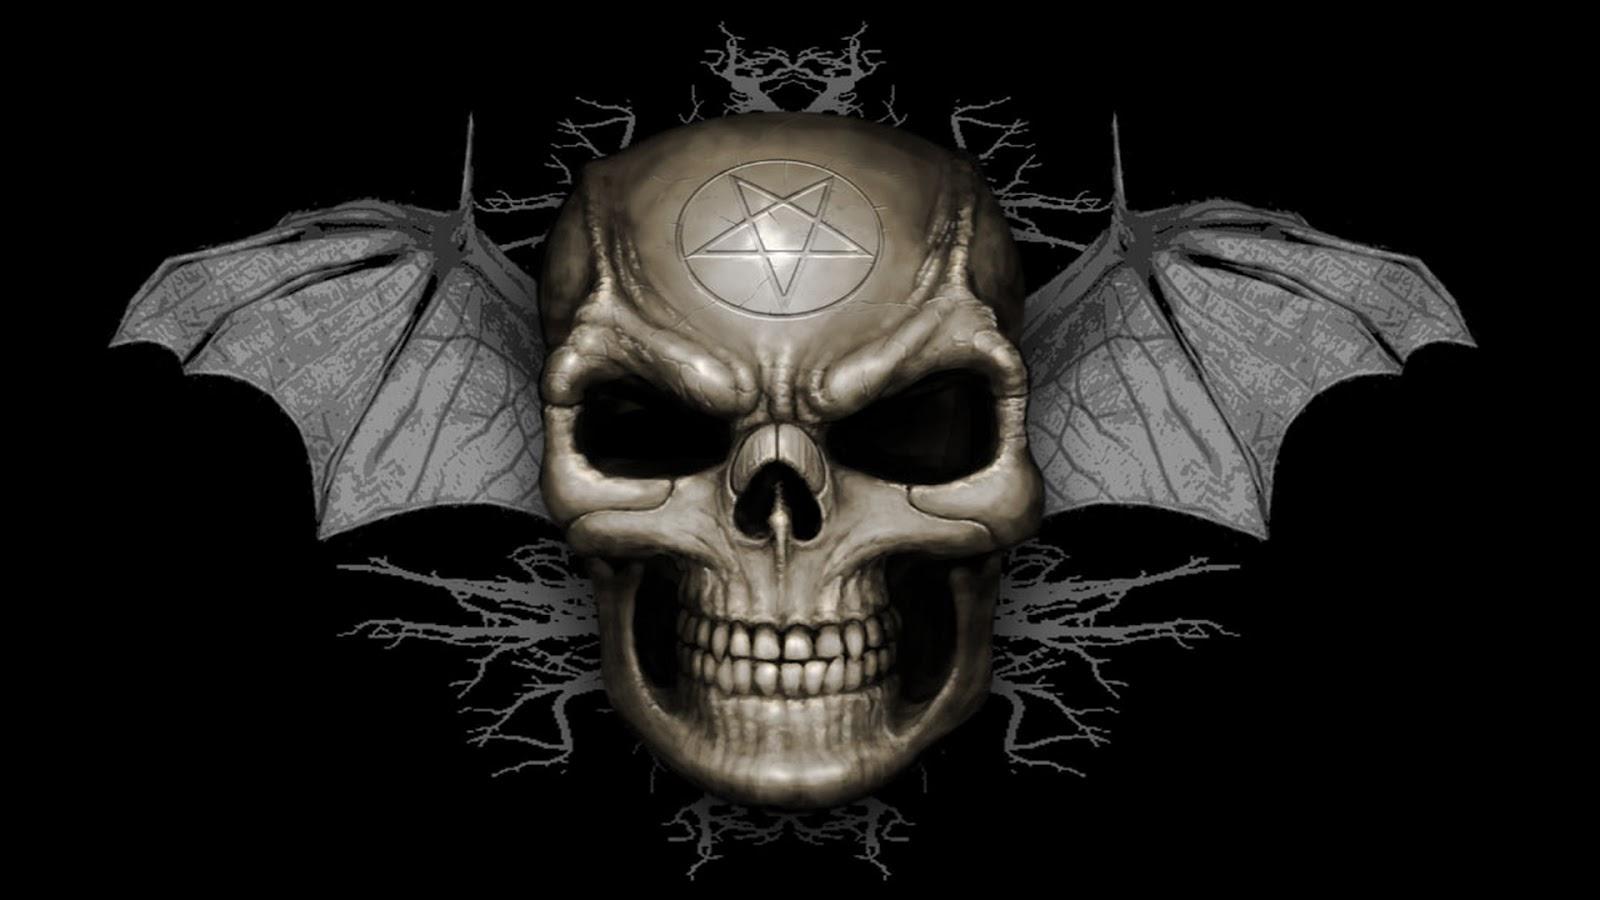 HD WAllppaers Skull HD Wallpaper 1080p 1600x900